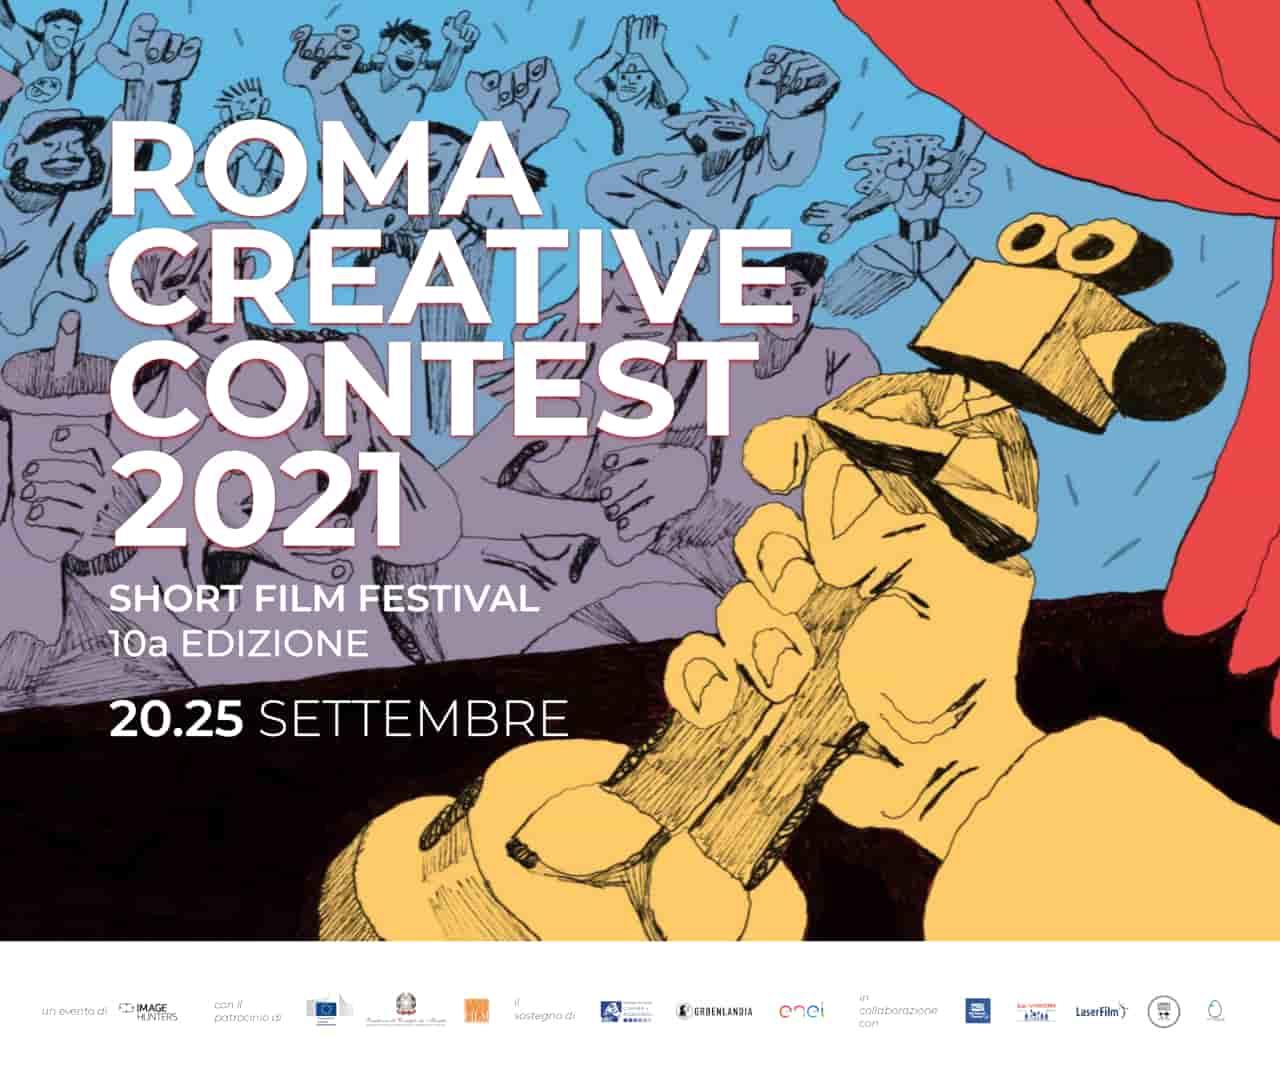 Roma Creative Contest 2021 - Festival Internazionale dei Corti - blog ilbiondino.org - ProsMedia - Agenzia Corte&Media-